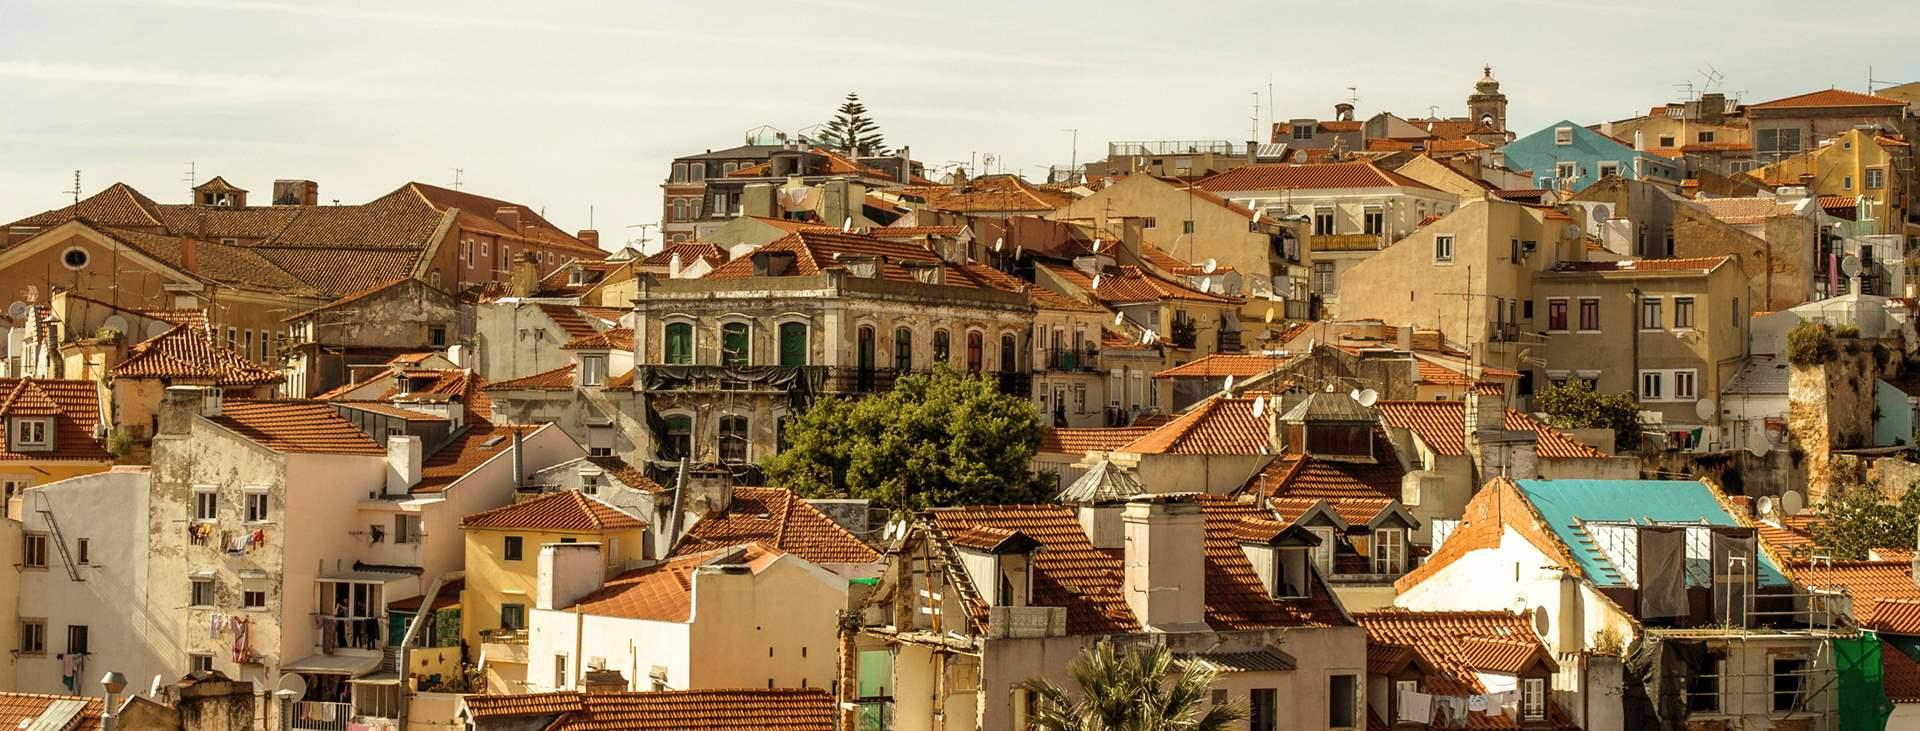 Lissabon Omradet Find Billige Rejser Til Lissabon Omradet Spies